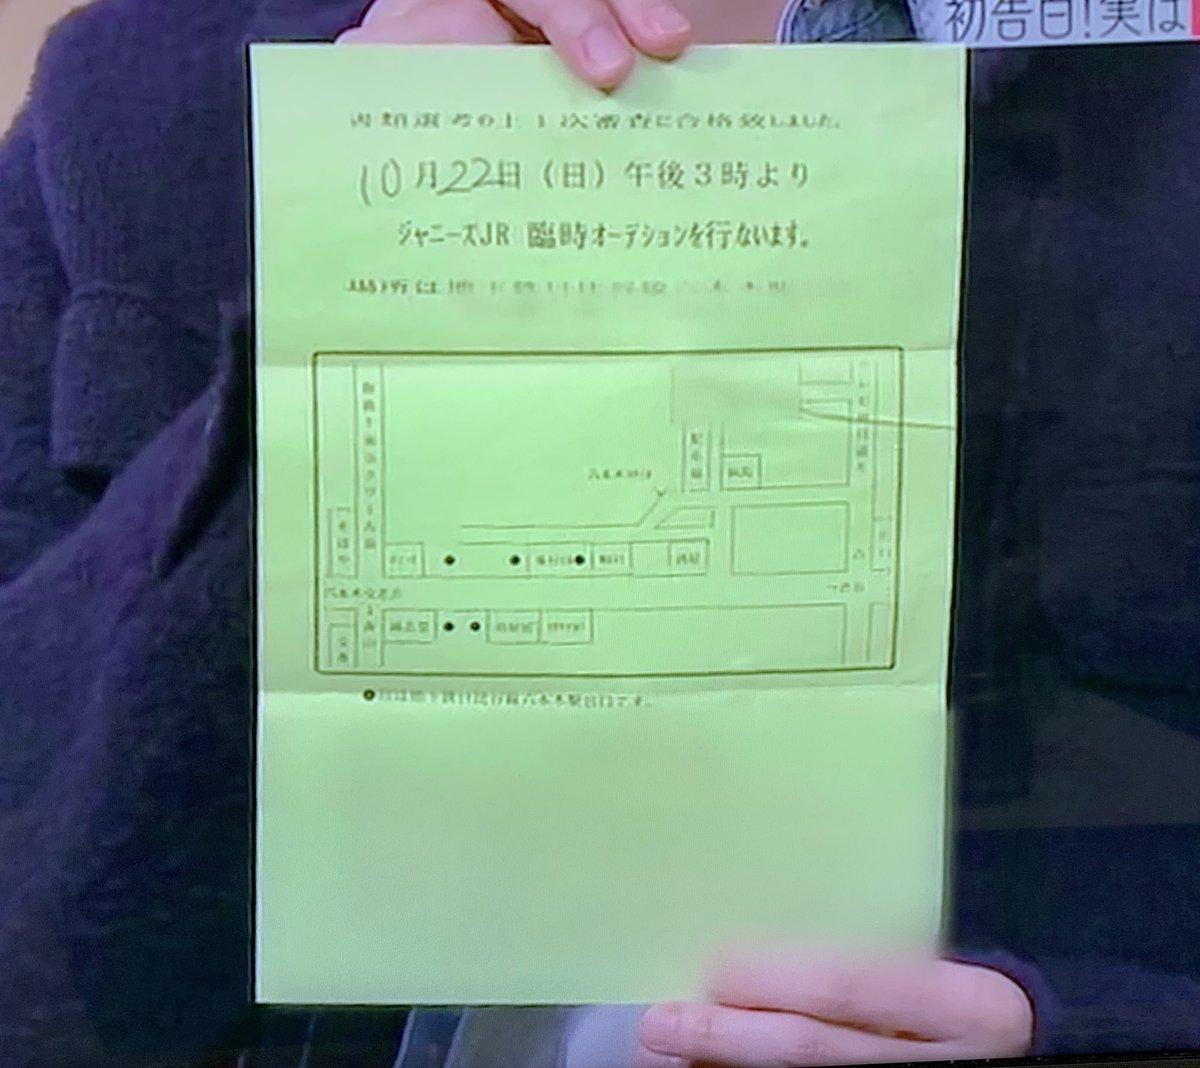 オーディション 2020 ジャニーズ 柳楽優弥が初告白 ジャニーズのオーディション「書類審査まで通った」過去「僕の中では誇らしい」―